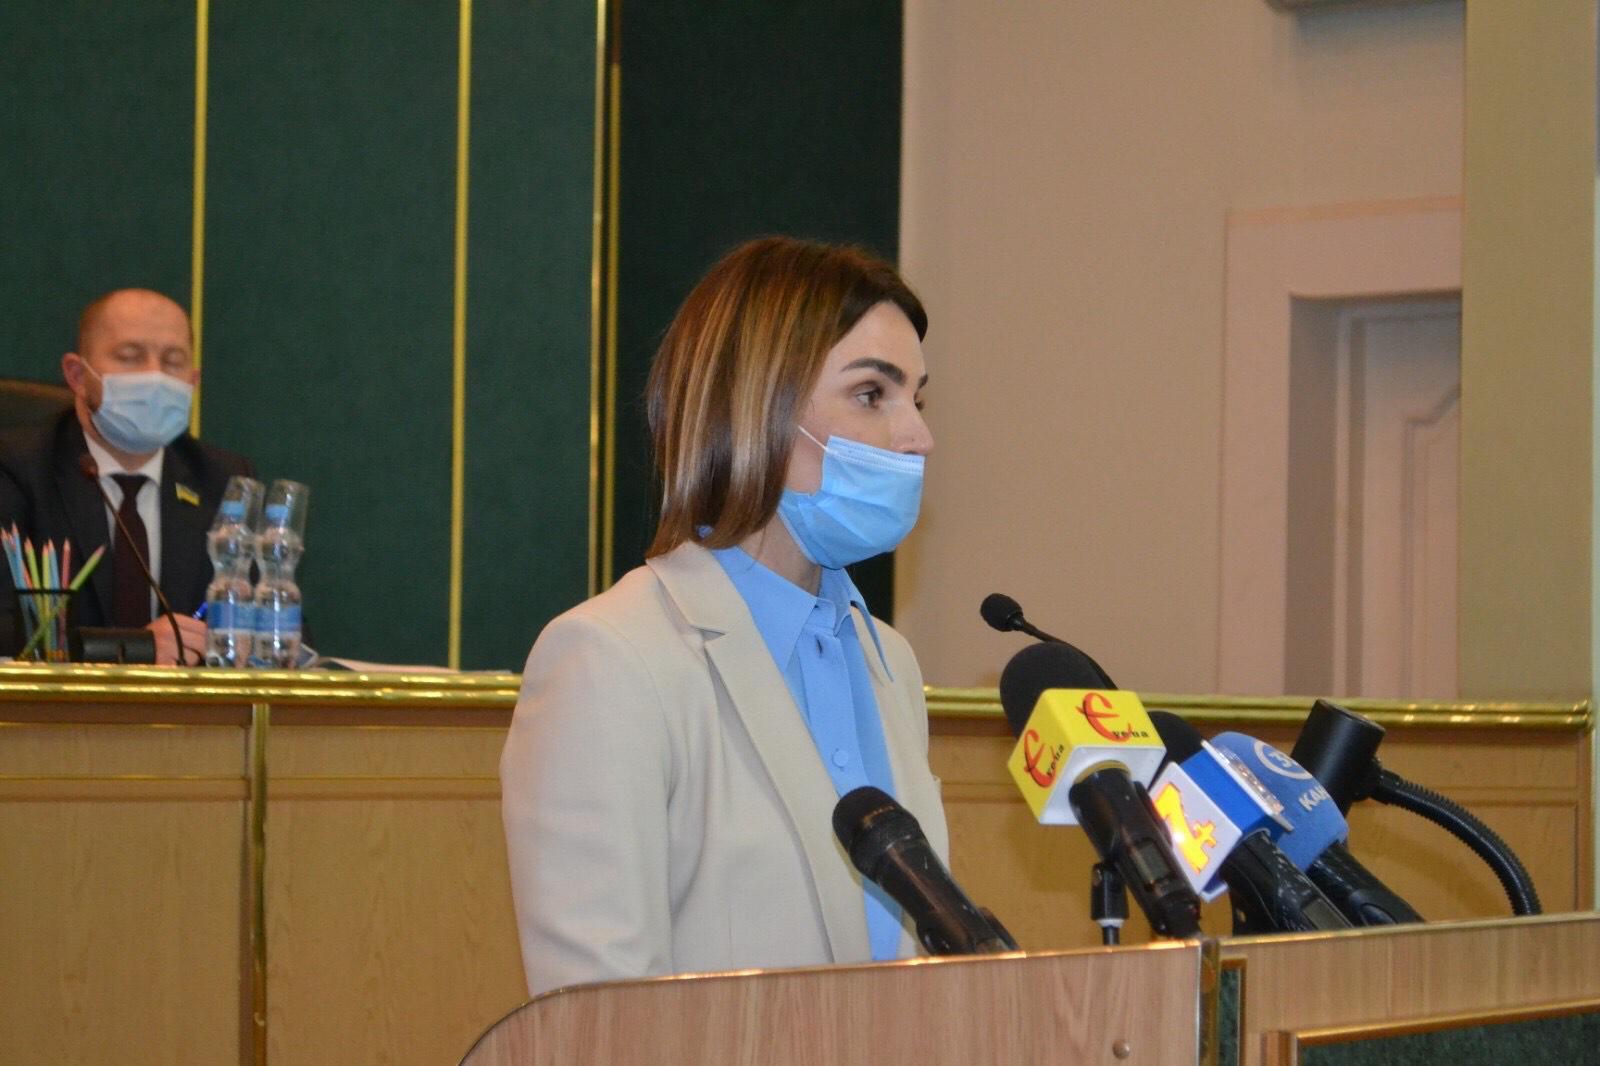 Ми ініціюємо страхування медиків Хмельниччини, які працюють із хворими на COVID-19, – Віолета Лабазюк